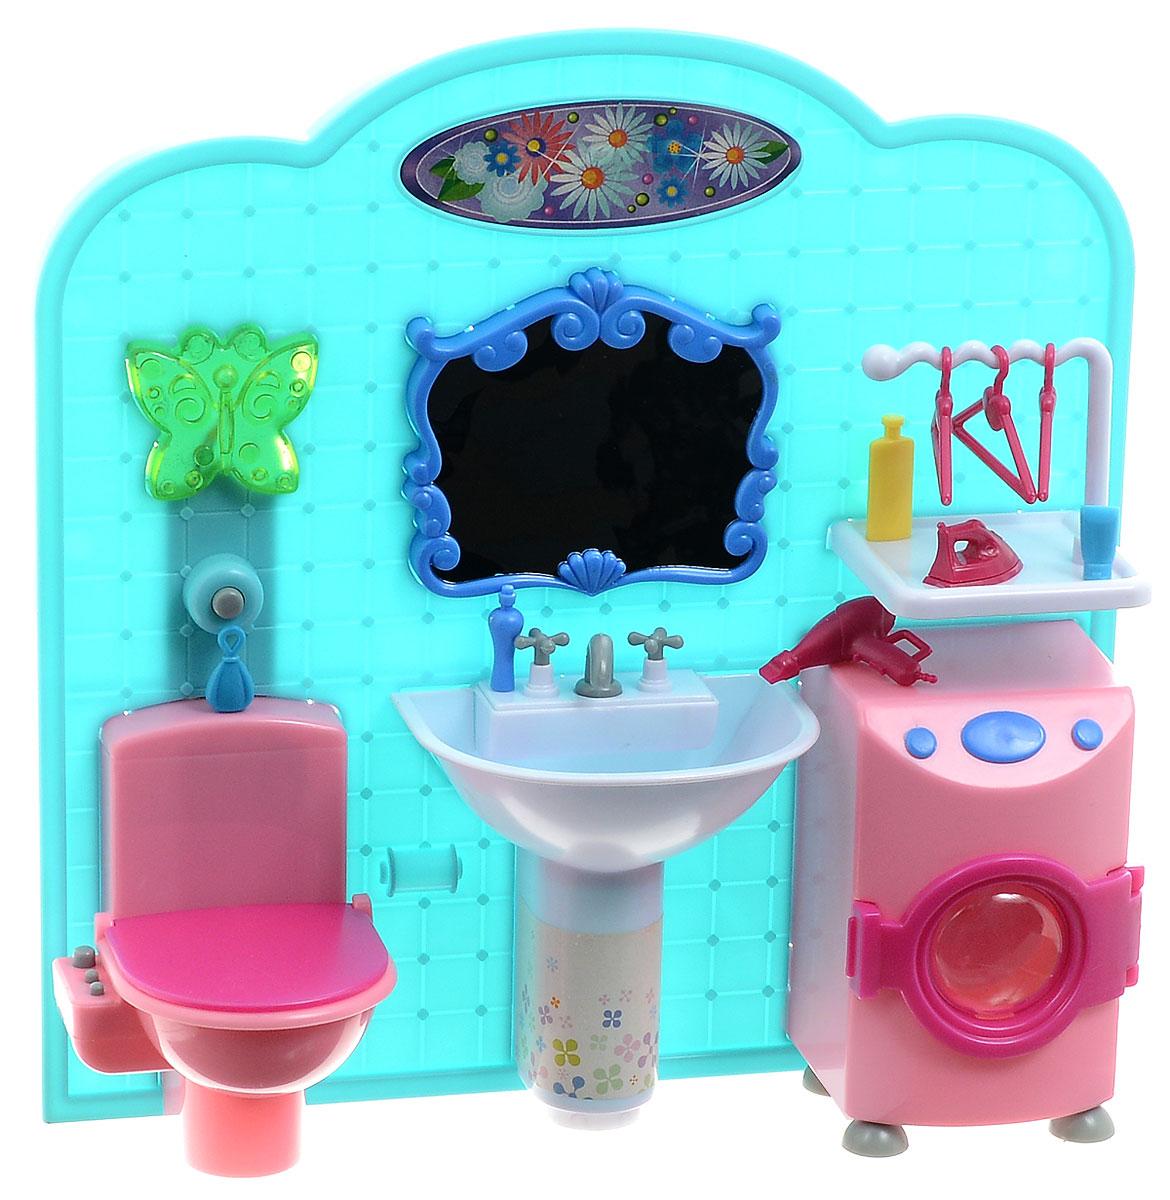 1TOY Набор мебели для кукол Ванная комната КрасоткаТ54513Ванная комната для кукол 1TOY Красотка будет замечательно смотреться в любом кукольном домике. Набор состоит из игрушечного унитаза, раковины, безопасного зеркала, стиральной машины, полочки и аксессуаров. В стене ванной имеется декоративный светильник в виде зеленой бабочки. Крышка унитаза и дверца машинки открываются. Такой набор подойдет куколкам высотой до 29 см. Теперь ваша малышка сможет разнообразить свою игру с любимыми куклами. Порадуйте ее таким замечательным подарком! Для работы требуются 2 батарейки типа АА (не входят в комплект).